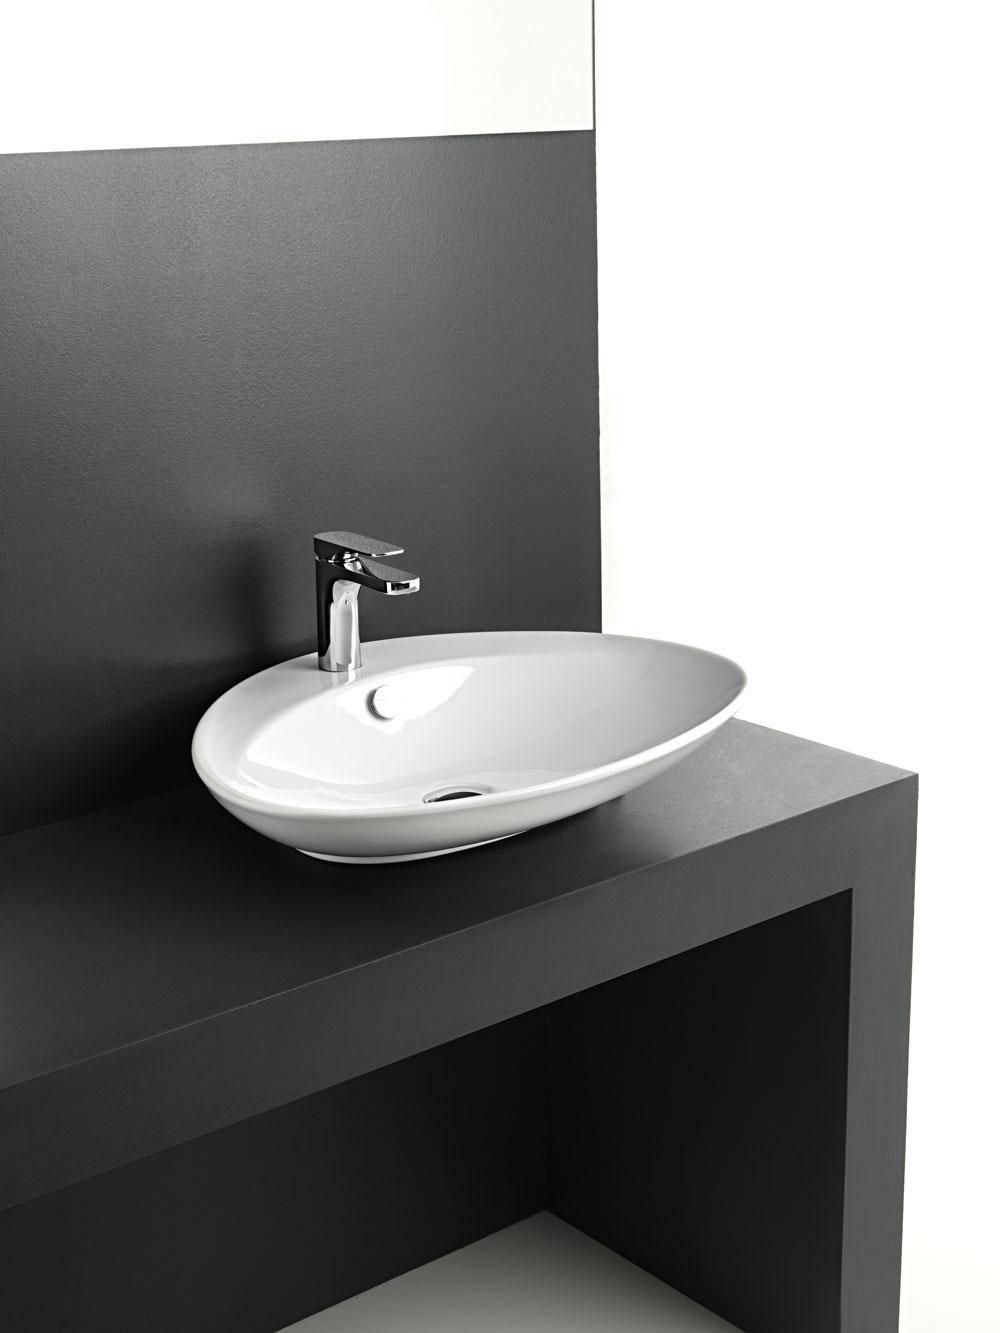 Umývadlo BS na plochu od firmy the.artceram, rozmery: 60 × 50 cm. Cena 276 €. Predáva PolySystem.